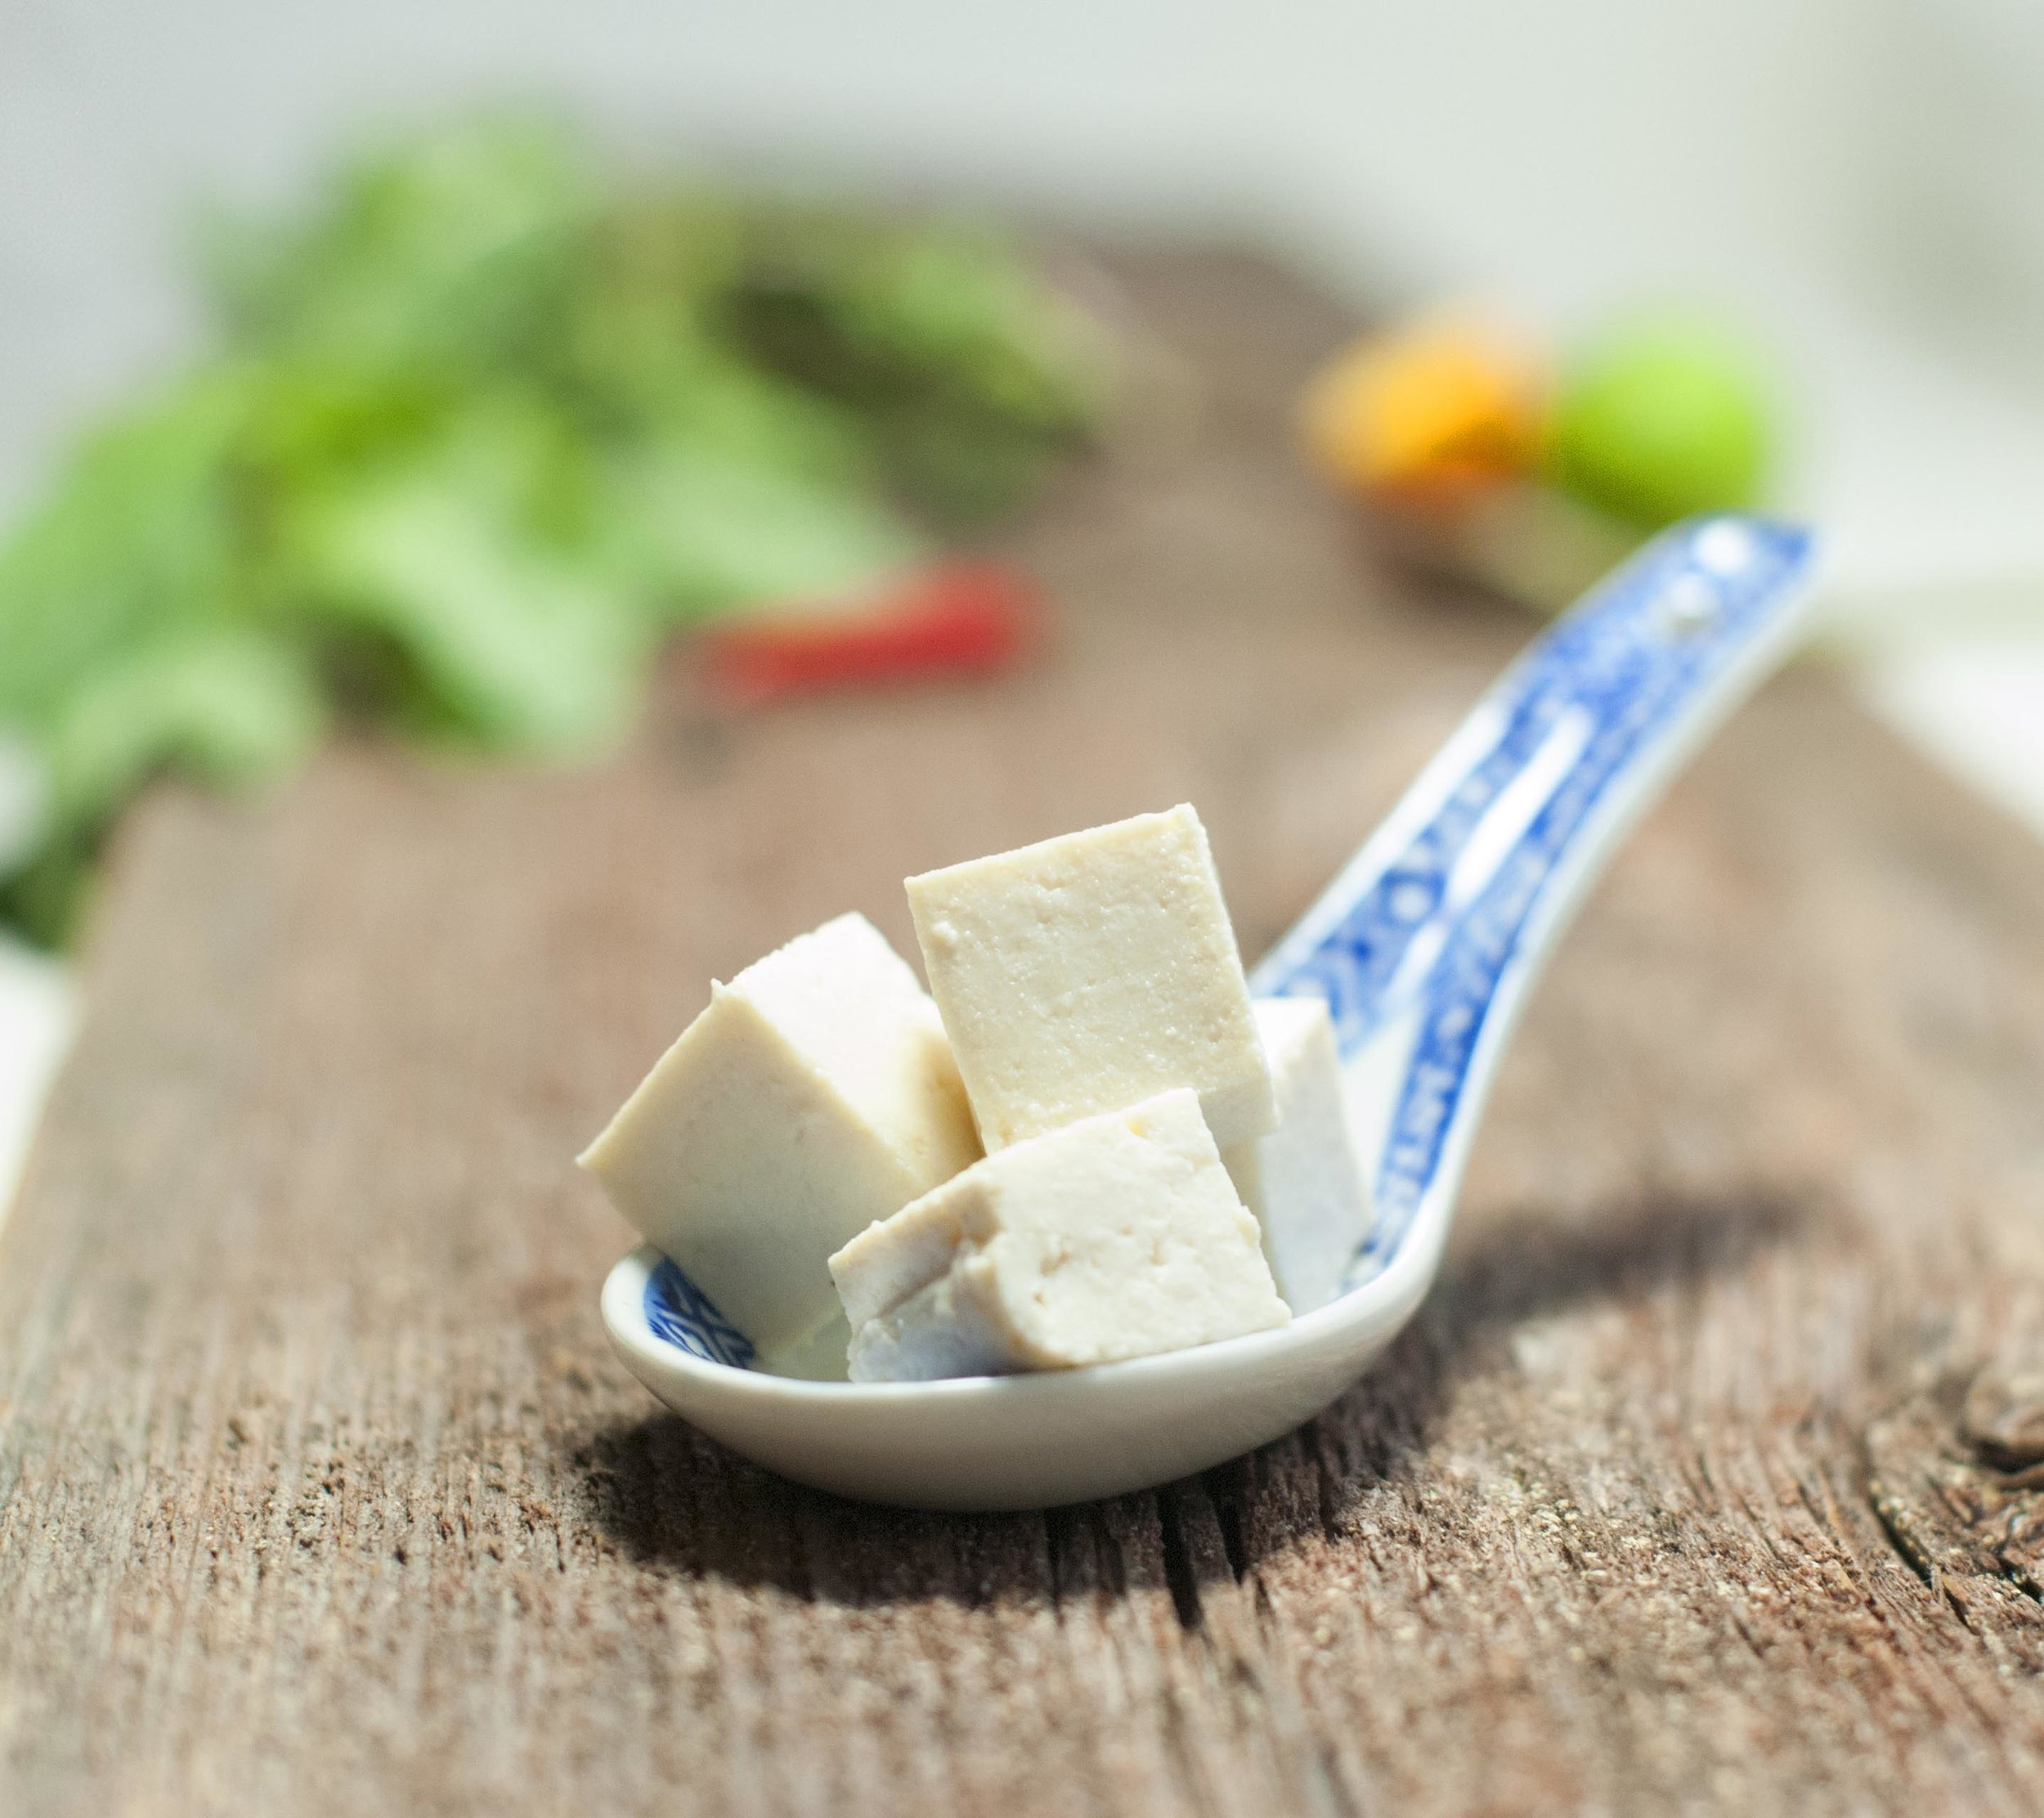 Tofupaloja